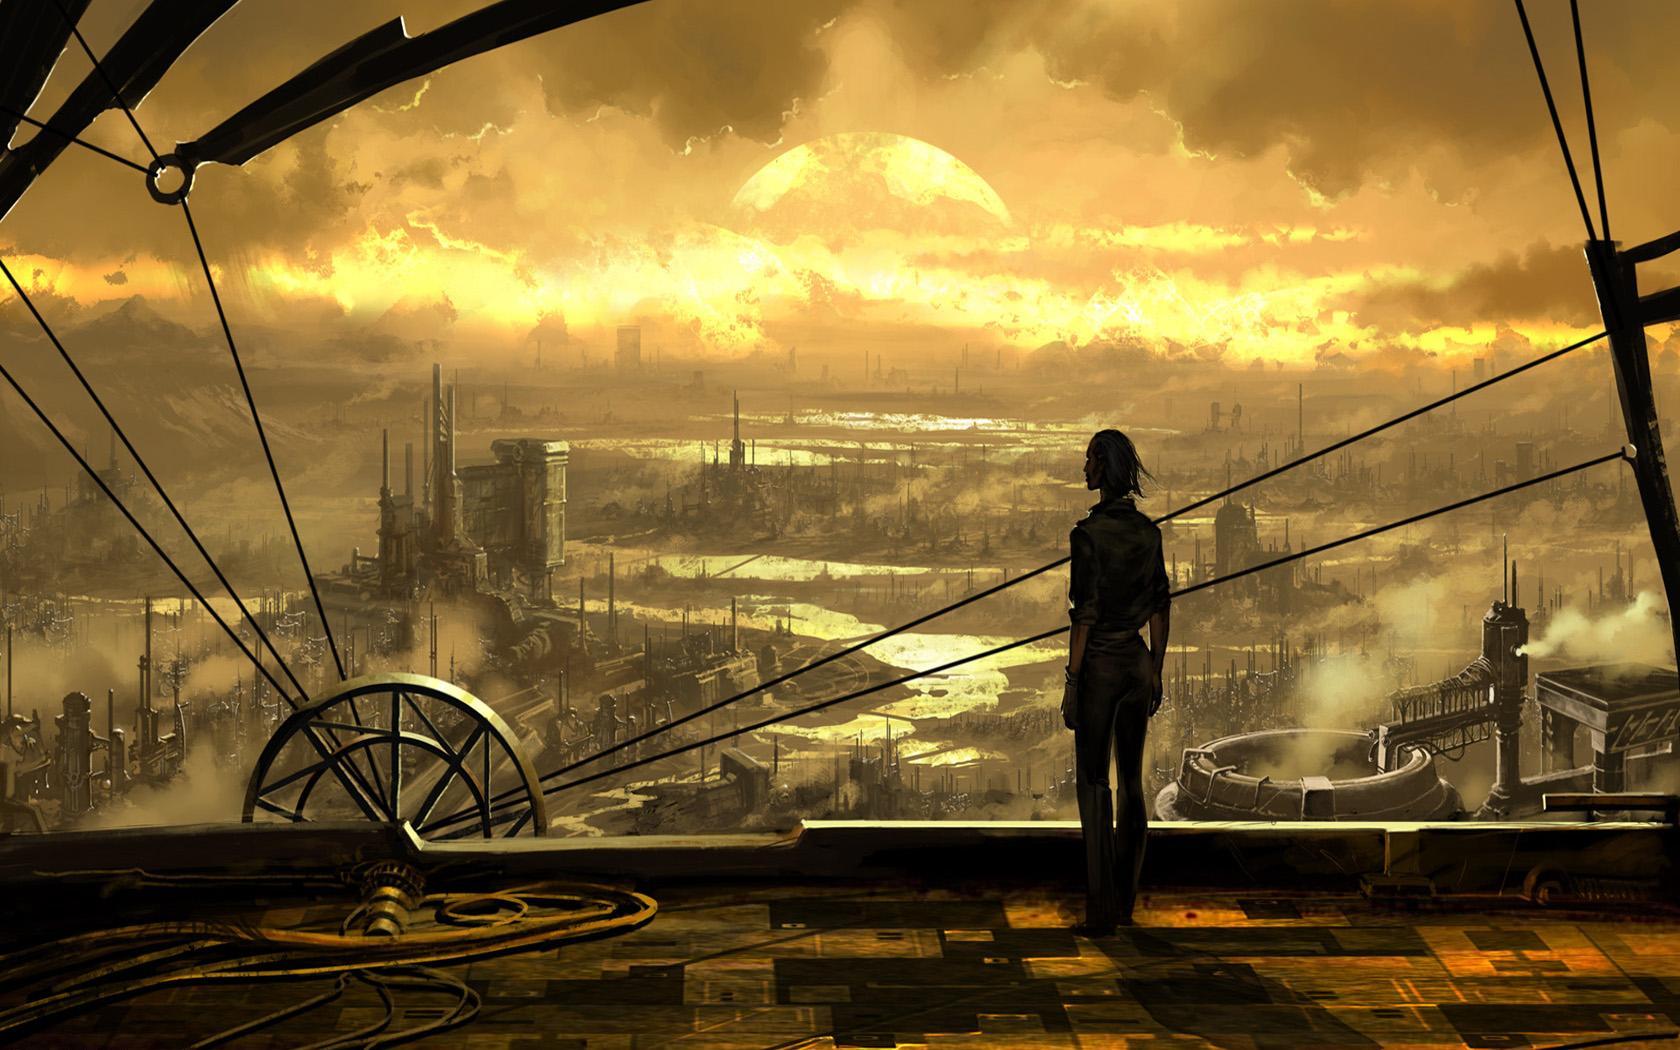 Sunset-steampunk-wallpaper.jpg